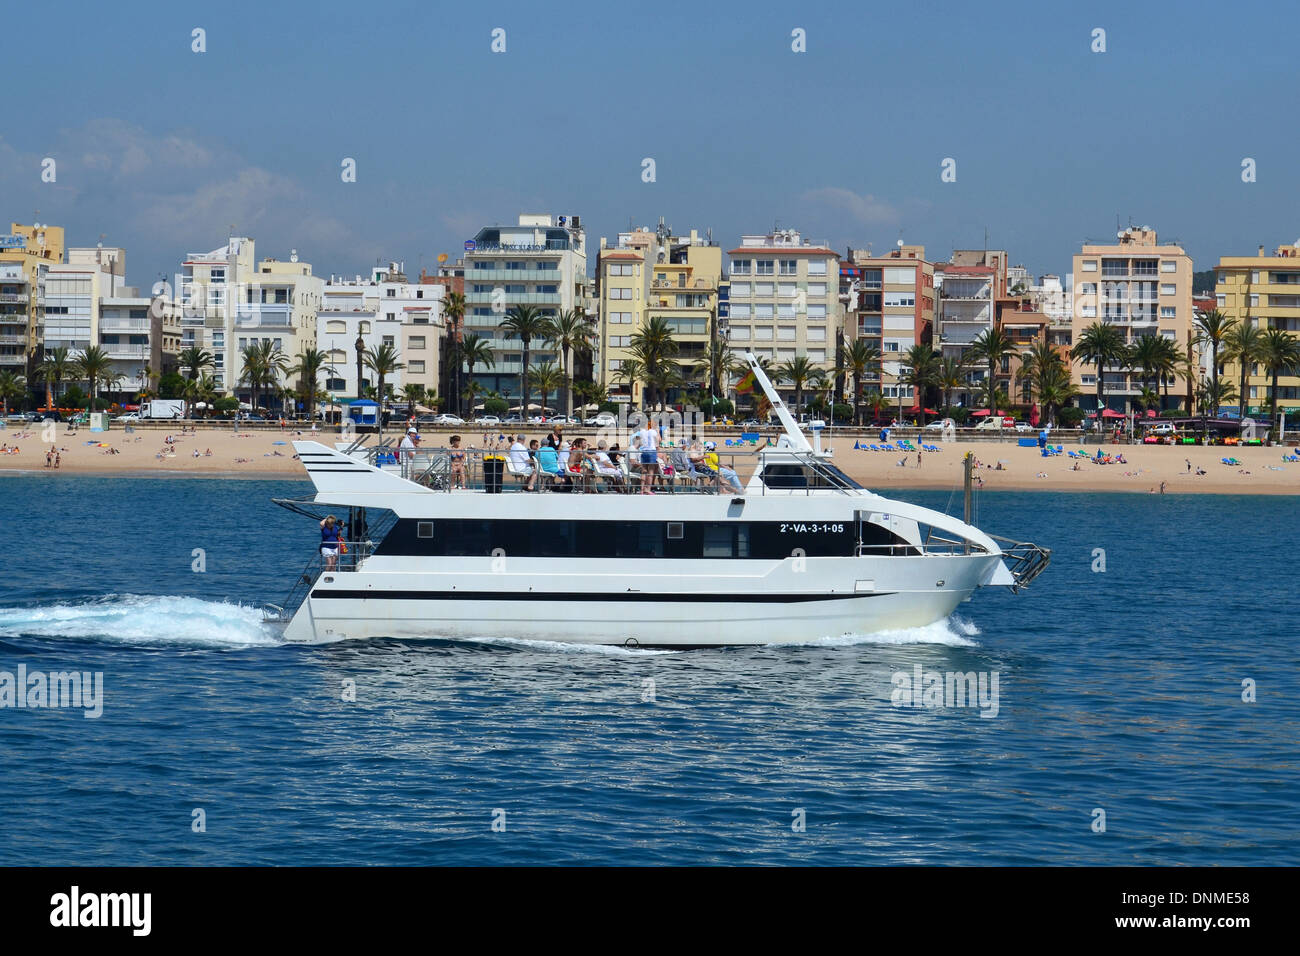 Lloret de Mar, Spain, jet off the coast of Lloret de Mar - Stock Image